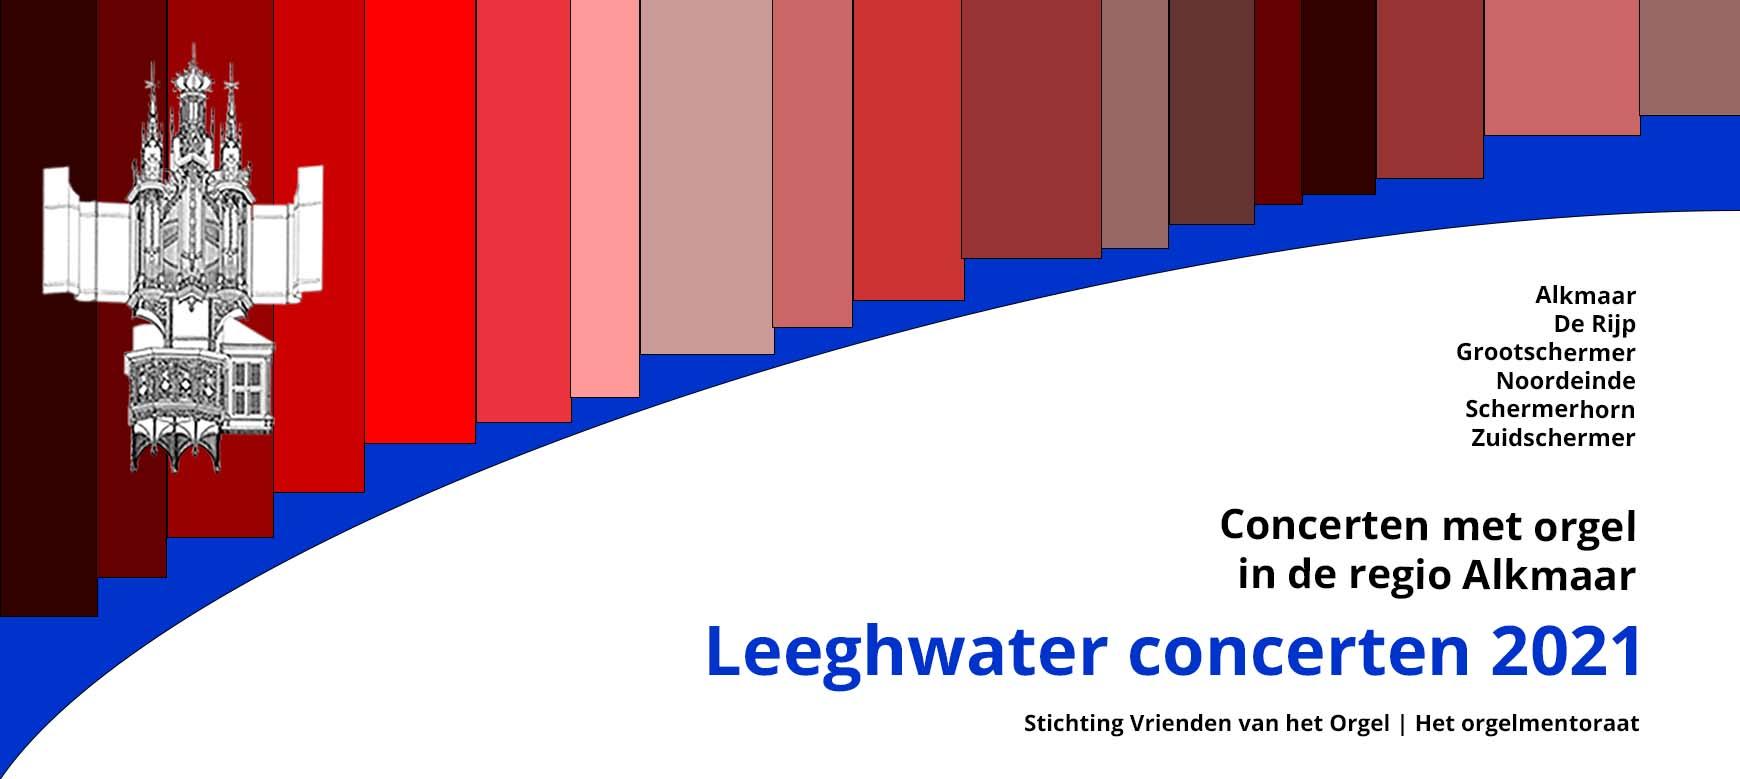 Leeghwaterconcerten najaar 2021